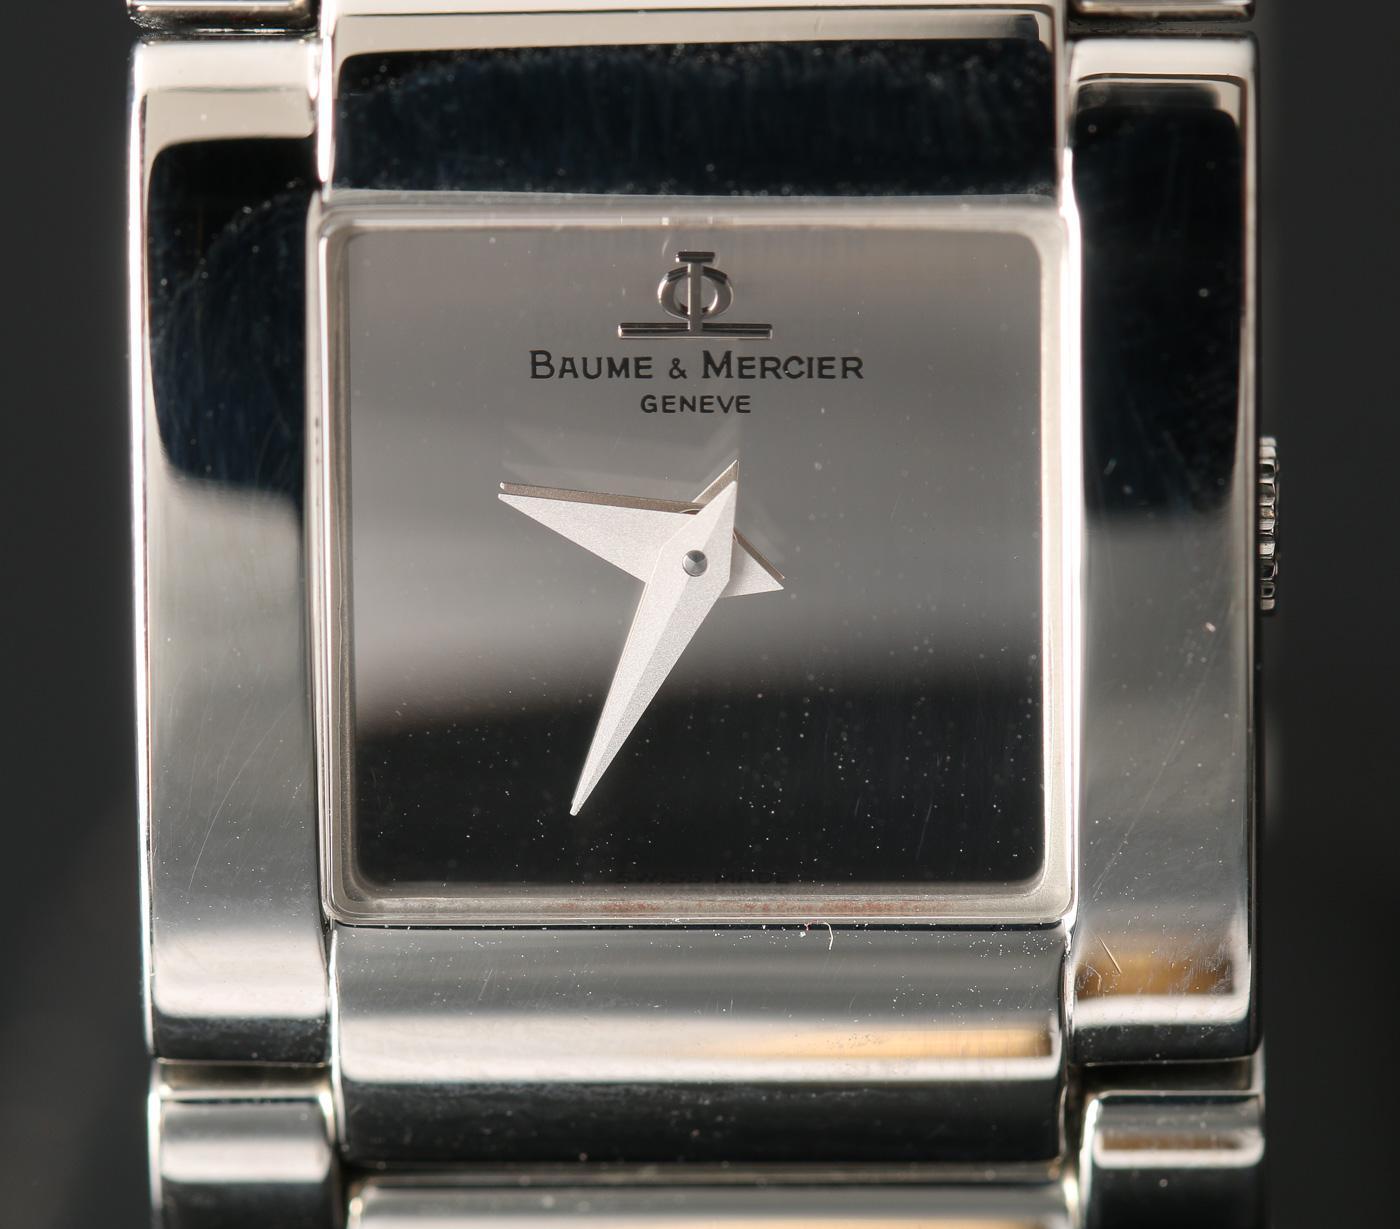 Baume & Mercier, damearmbåndsur - Baume & Mercier, ref. MV045219, damearmbåndsur i urkasse af stål, urskive med logo og to visere. Uret har schweizisk quartzværk, integreret lænke i stål med foldespænde. Bredde: 22 mm (ekskl. krone). Bagkasse stemplet 4062042. Der medfølger...